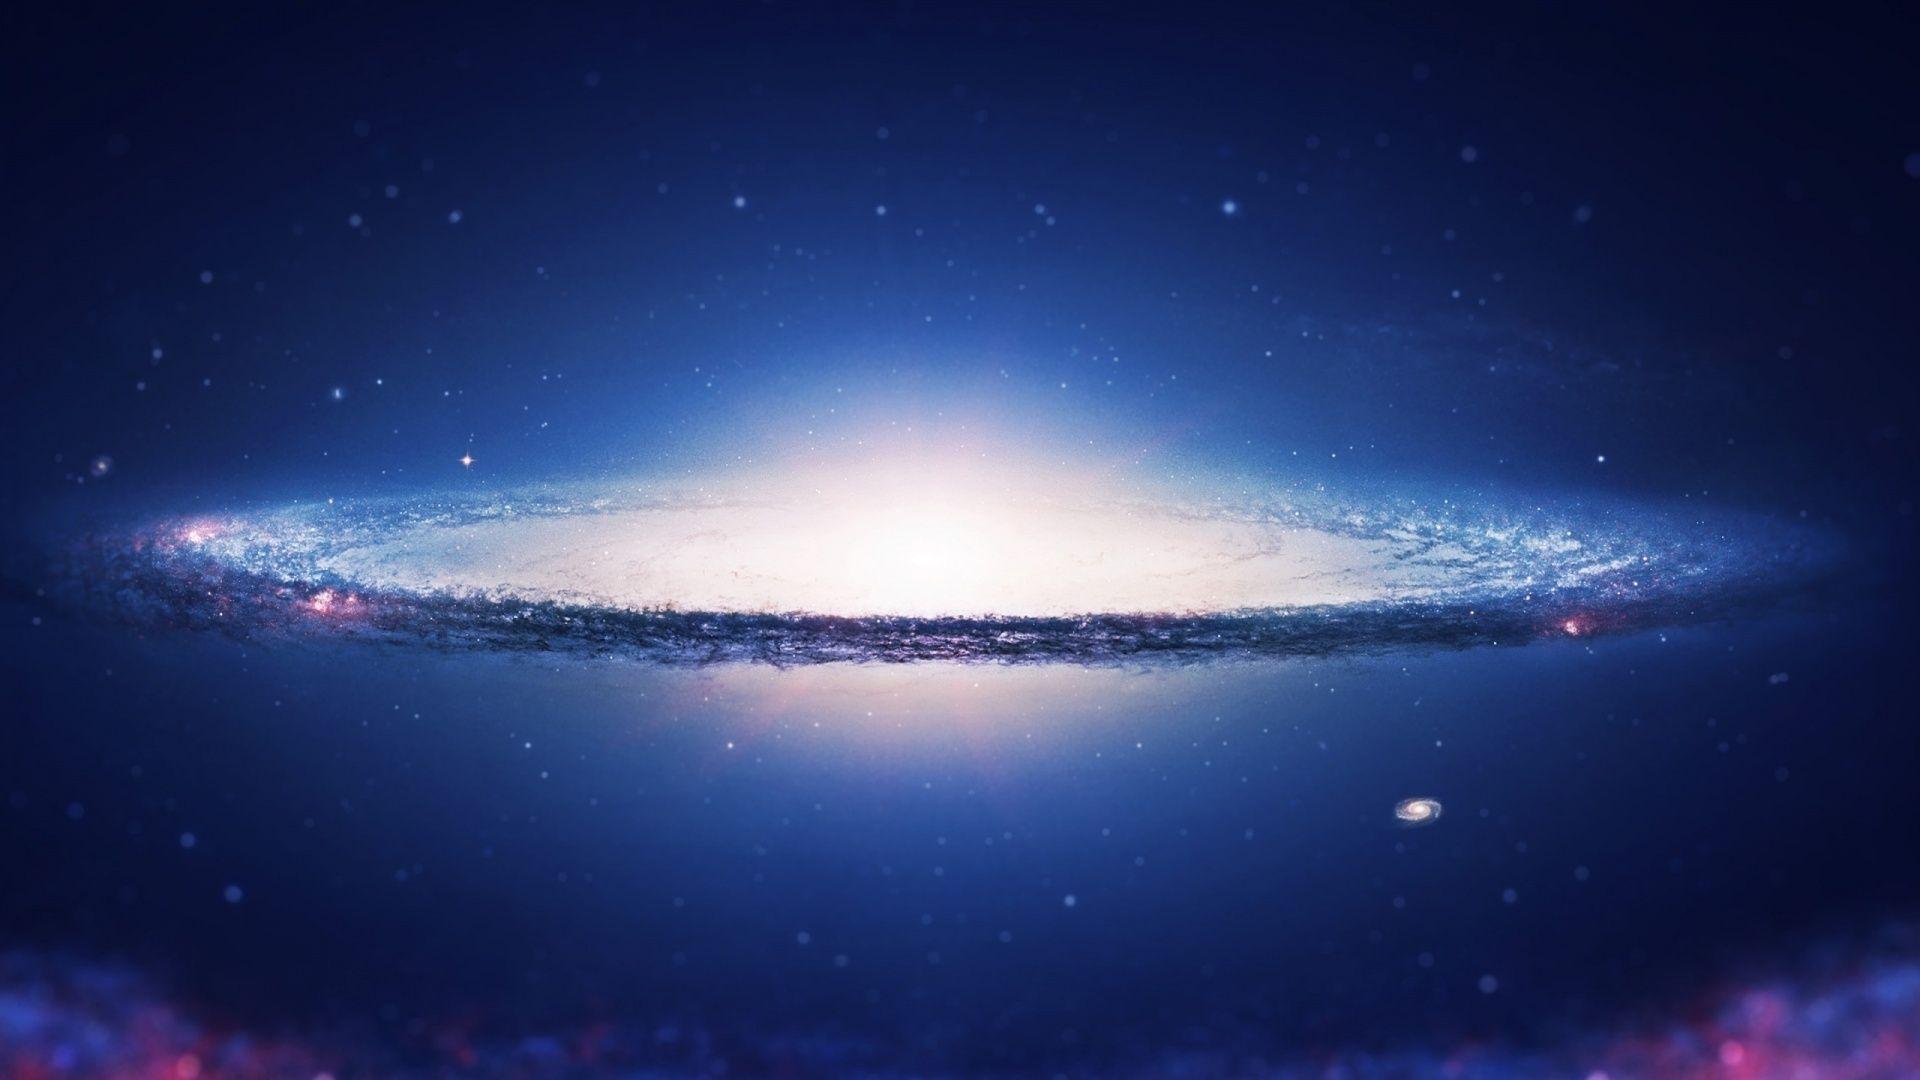 1920x1080 Wallpaper Space Sky Spiral Galaxy Wallpaper Space Galaxy Wallpaper Space Pictures